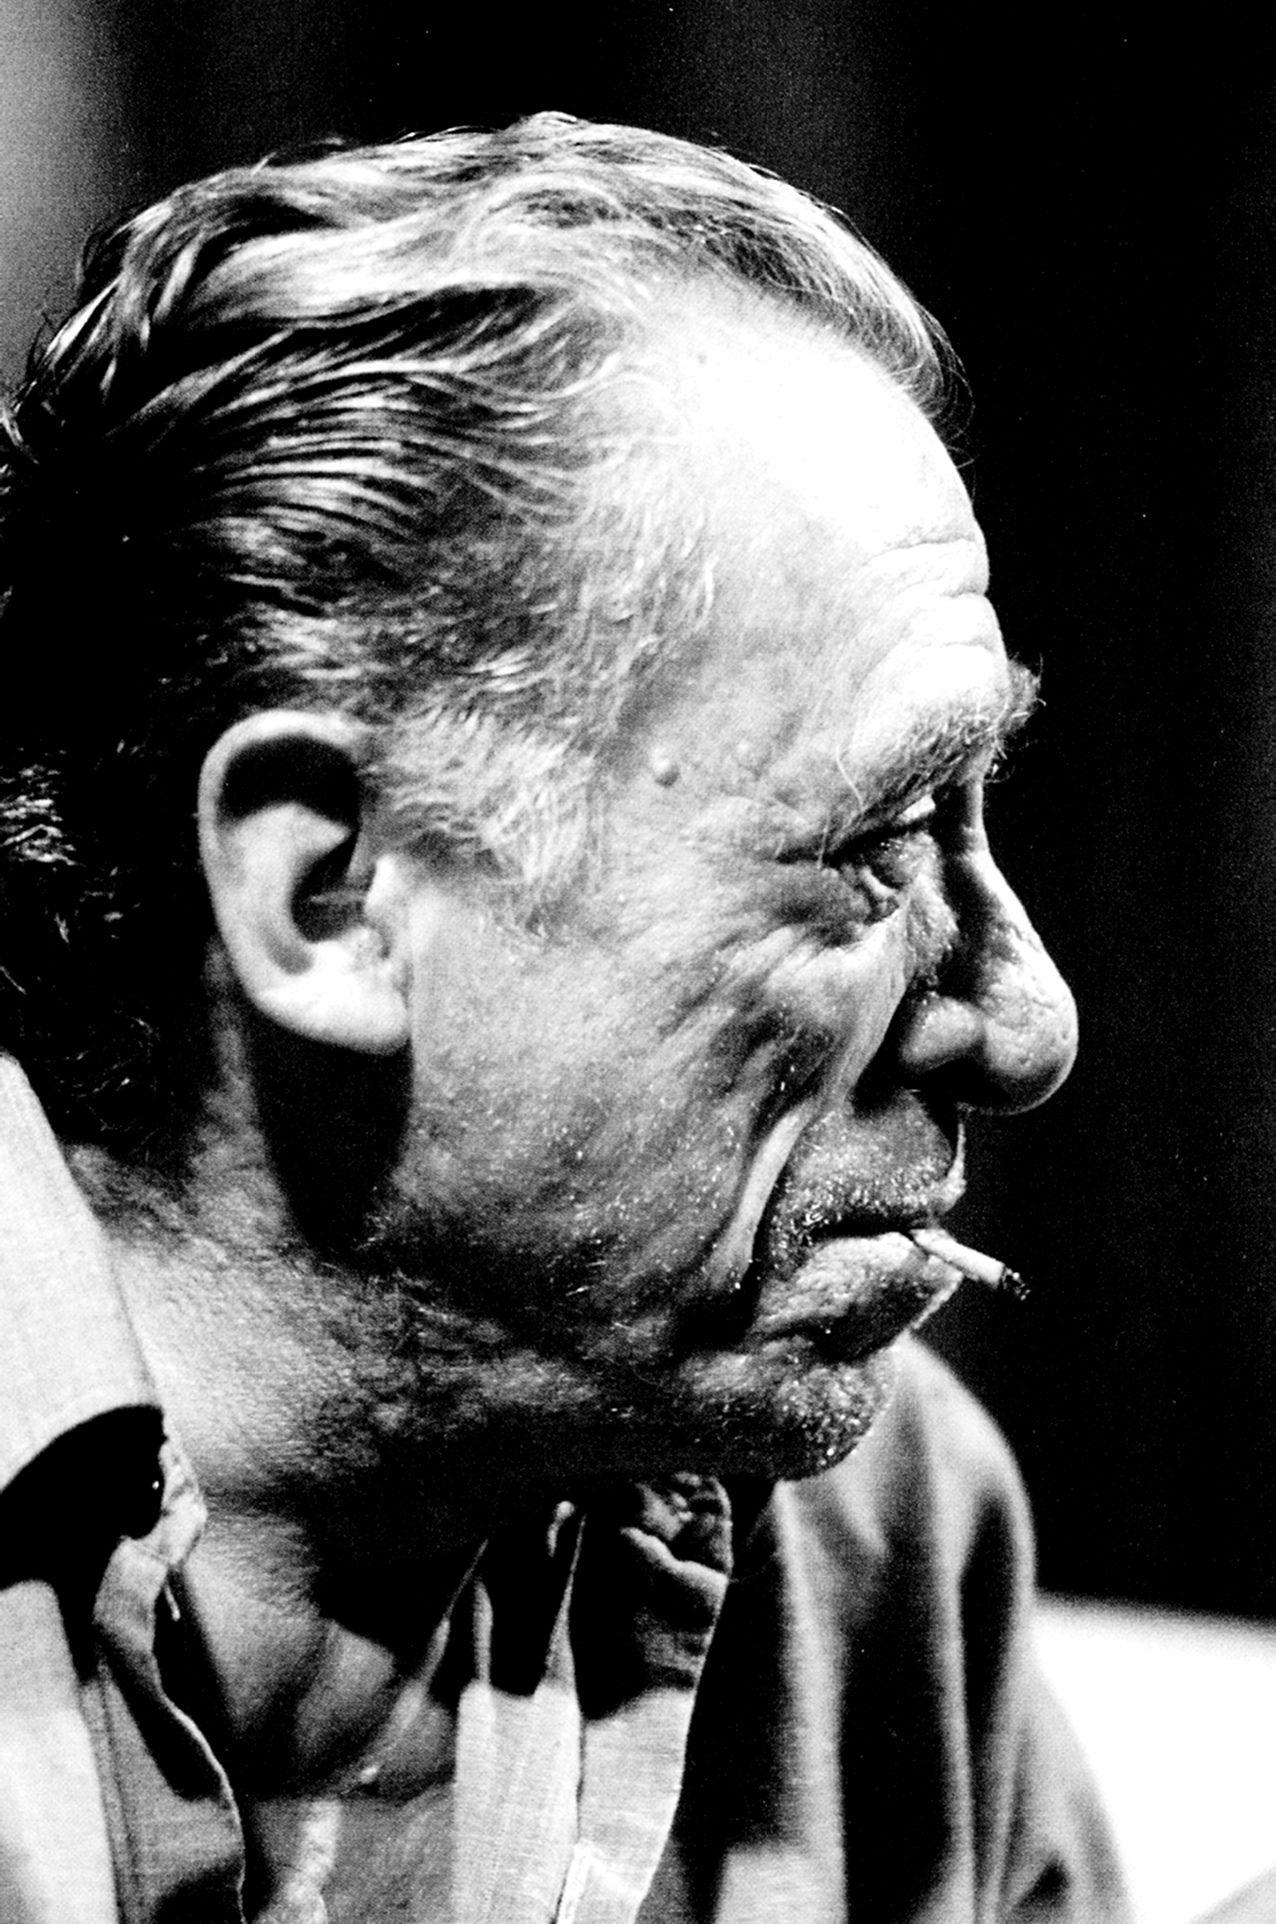 Charles Bukowski 1920-1994 - American Writer Photo -8210